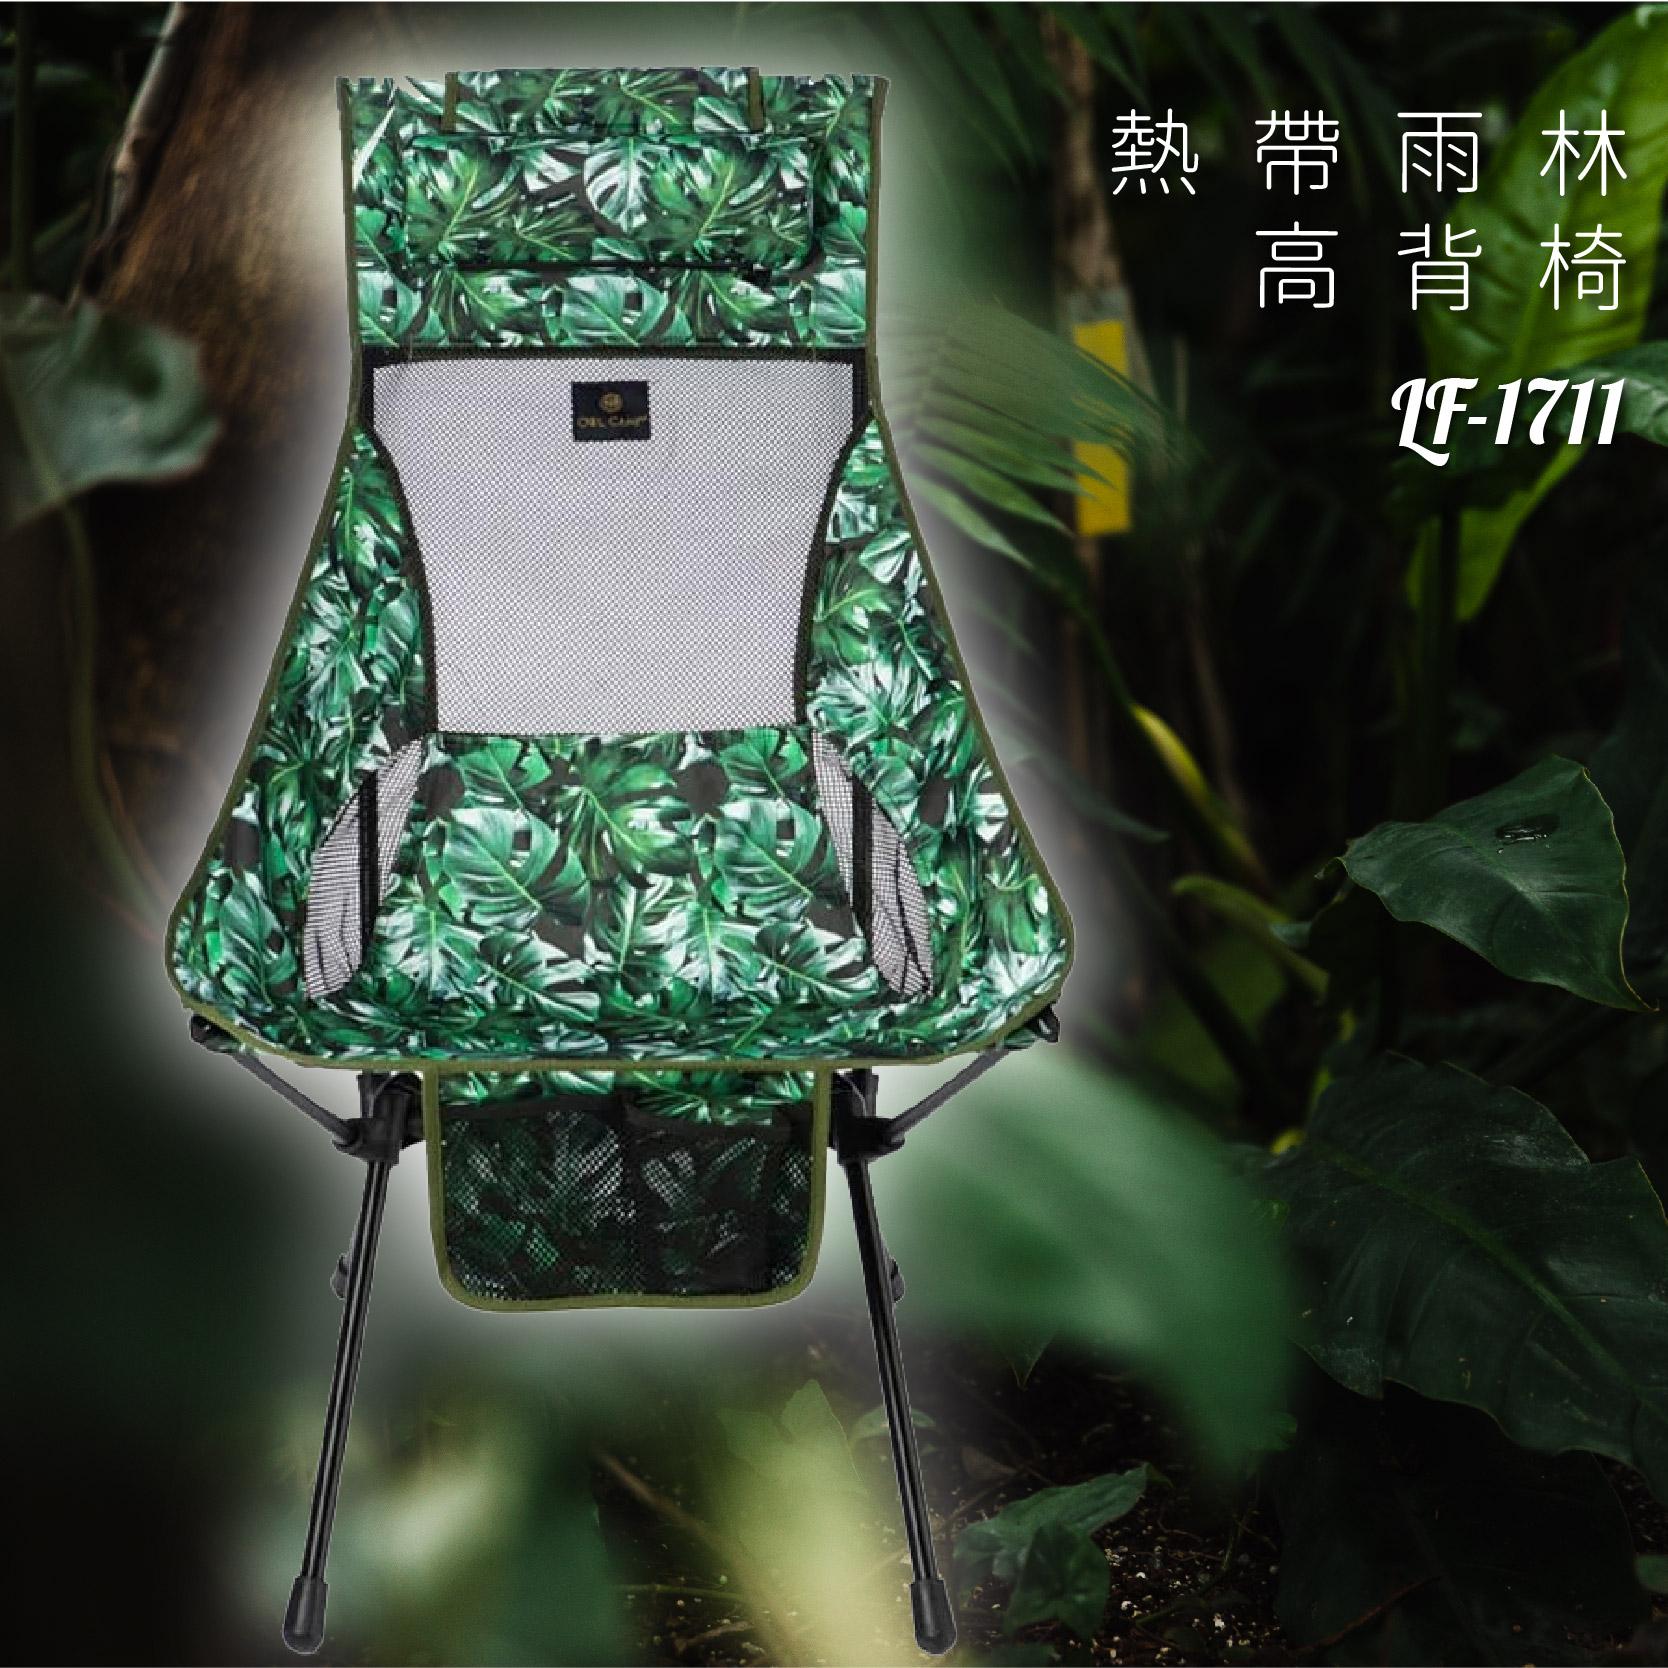 好想去旅行!高背椅 LF-1711 熱帶雨林 露營椅 摺疊椅 收納椅 沙灘椅 輕巧 時尚 旅行 假期 鋁合金 機能布